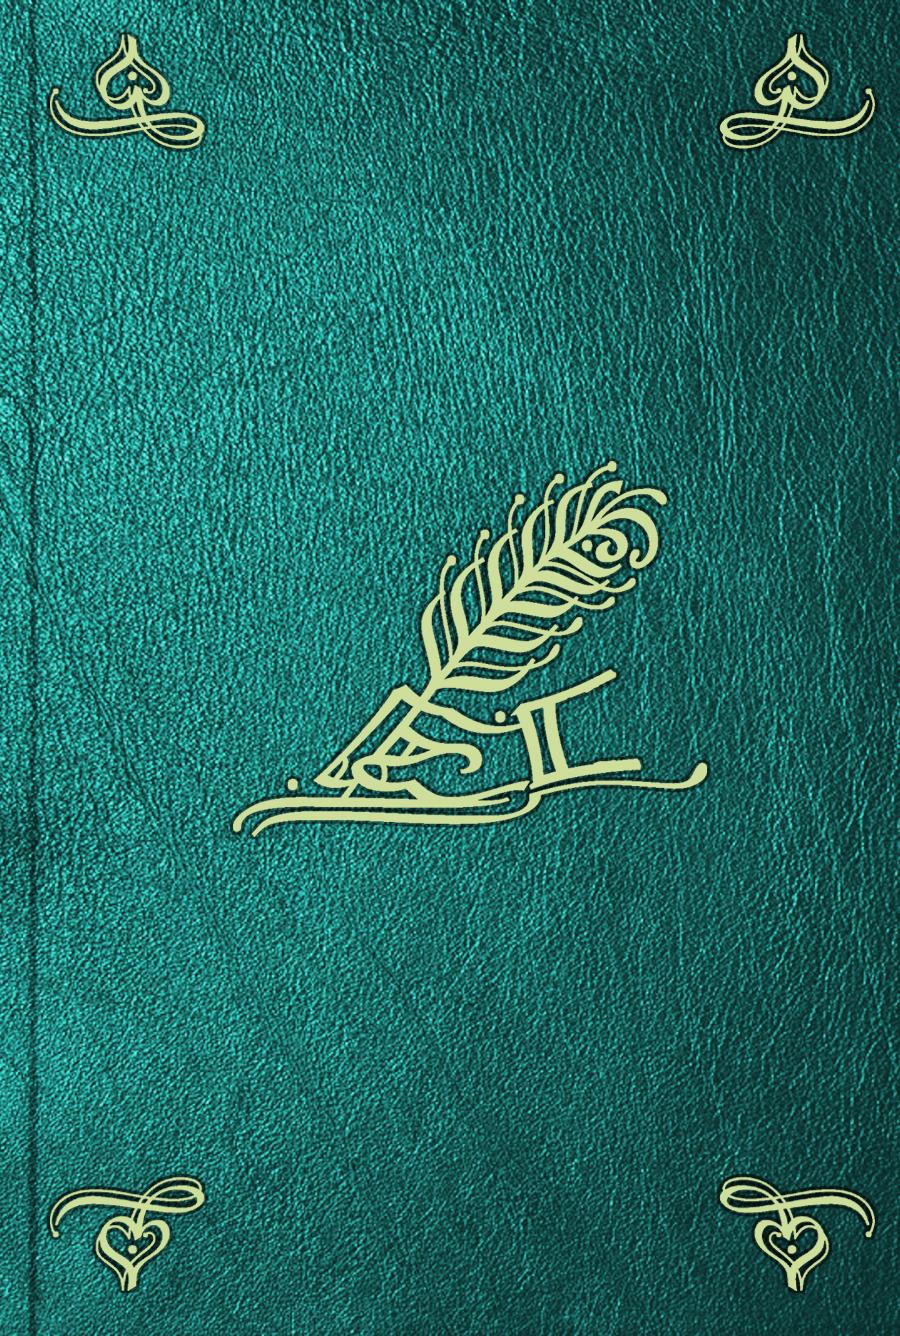 Voyage dans les trois royaumes d'Angleterre, d'Ecosse et d'Irlande. T. 3